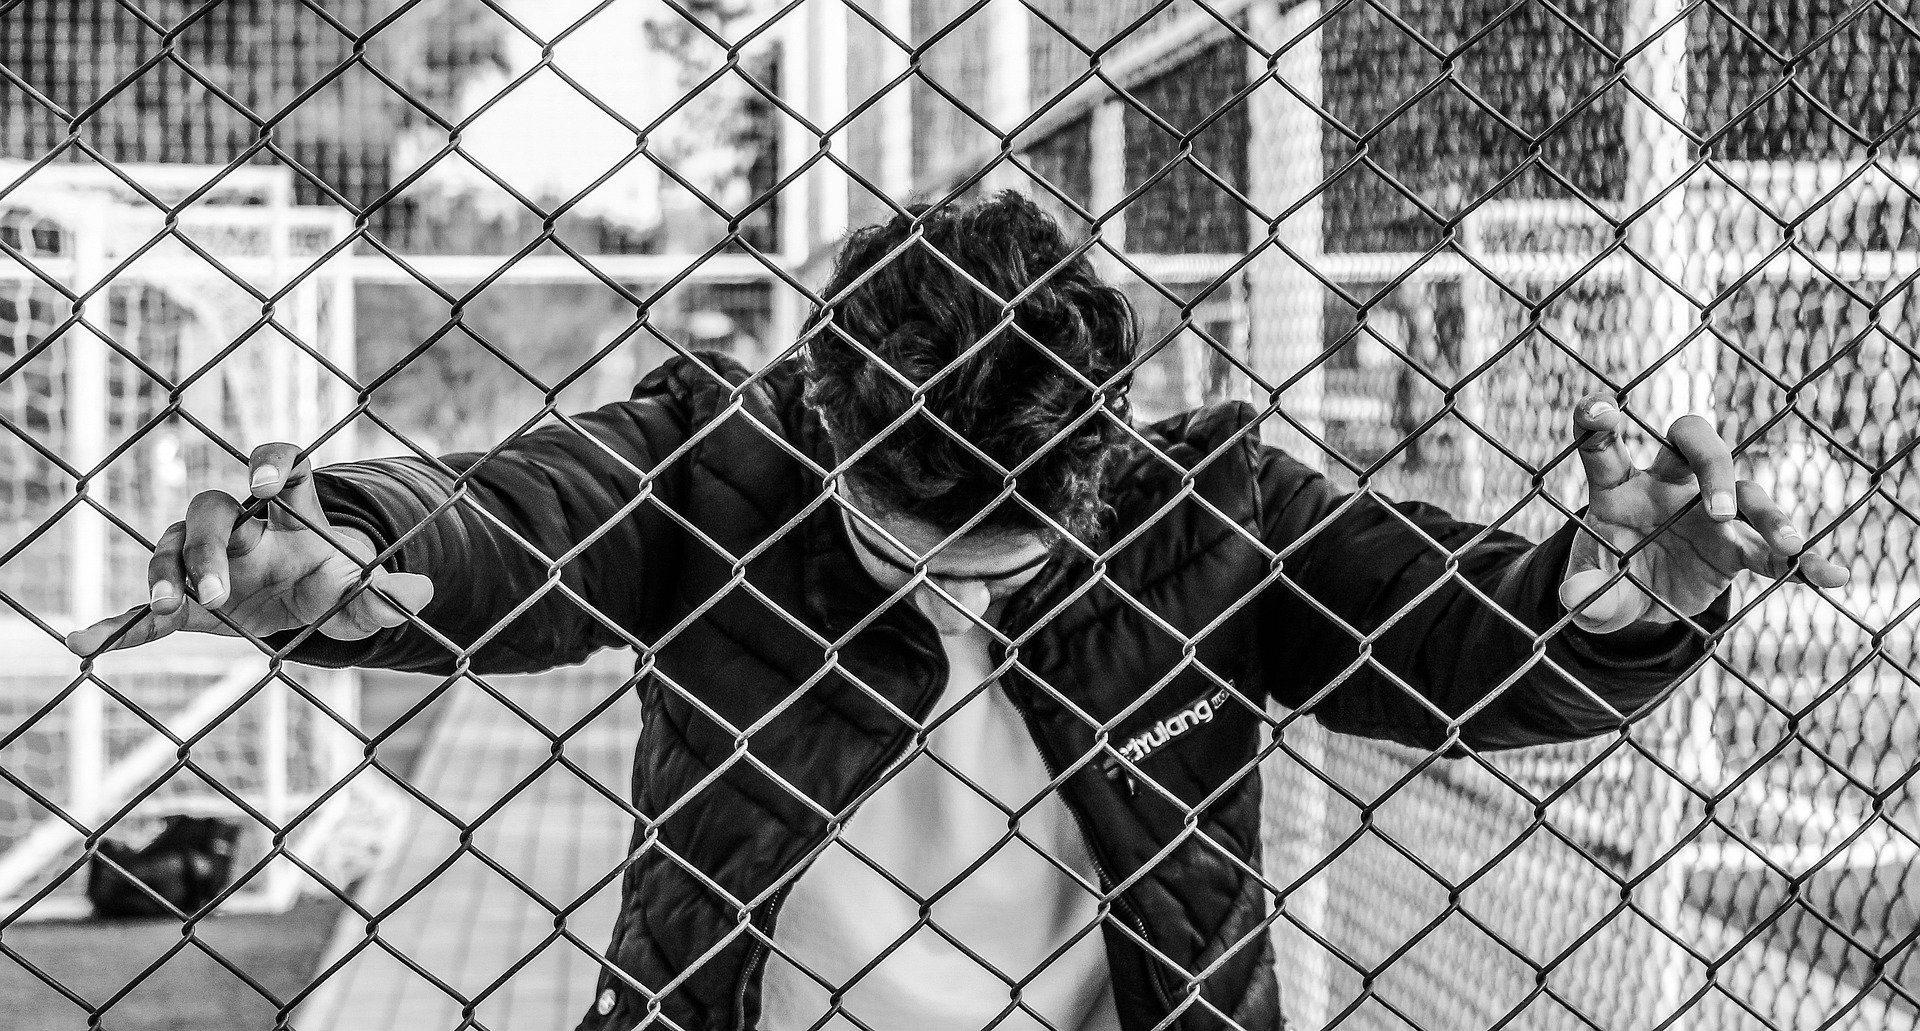 cages - depression